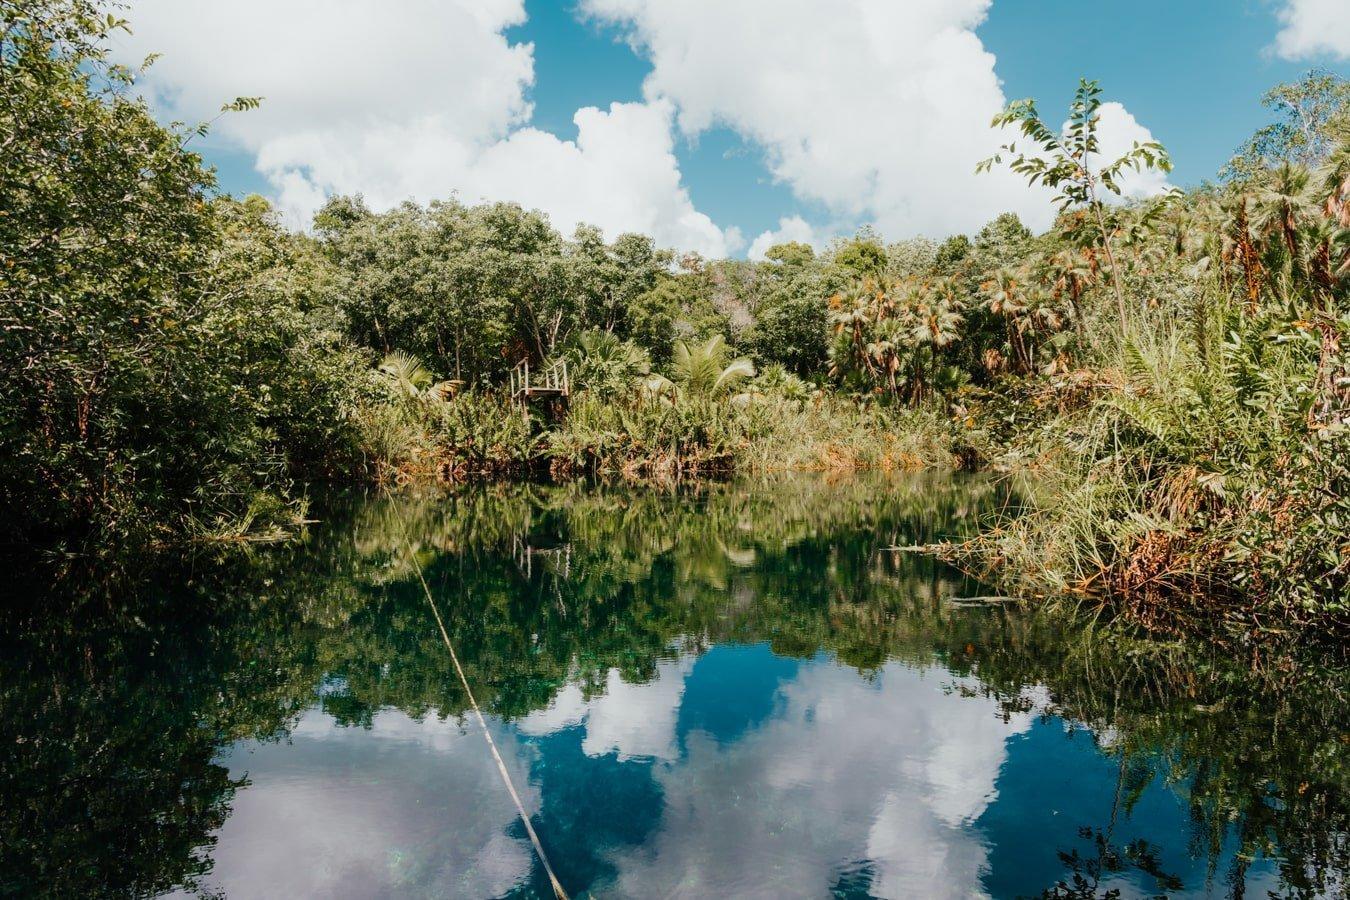 cenote cristal in tulum mexico